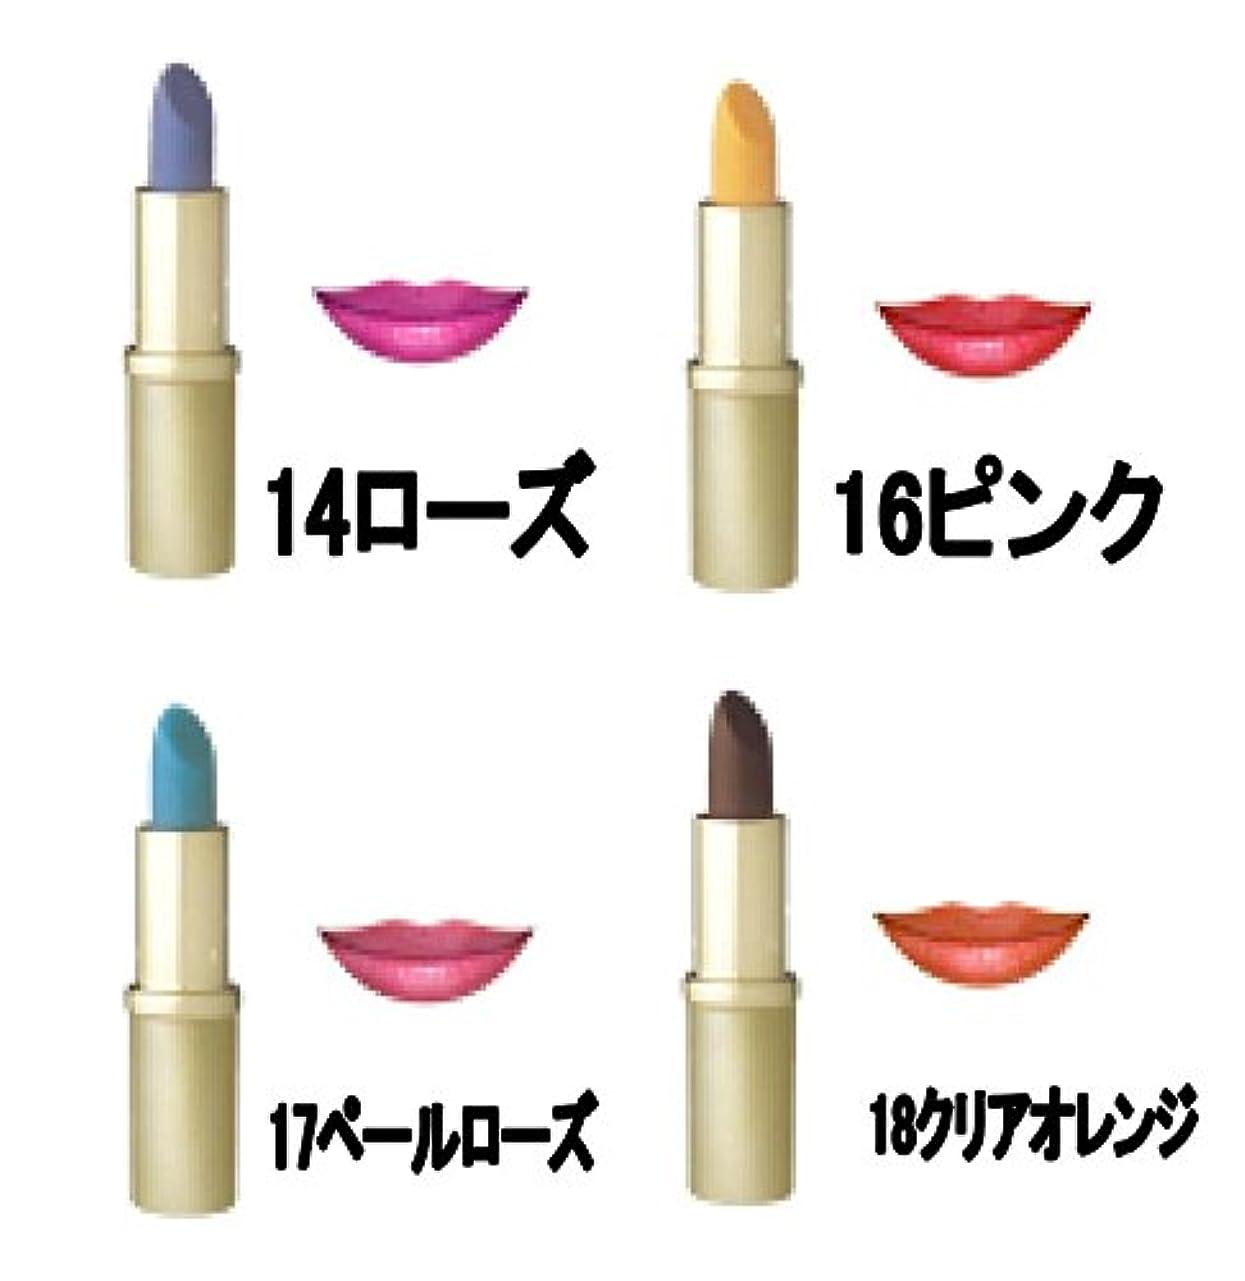 香りアシスト書店ミツイ アーバンルージュ(口紅)2本セット(17ペールローズ+16ピンク)